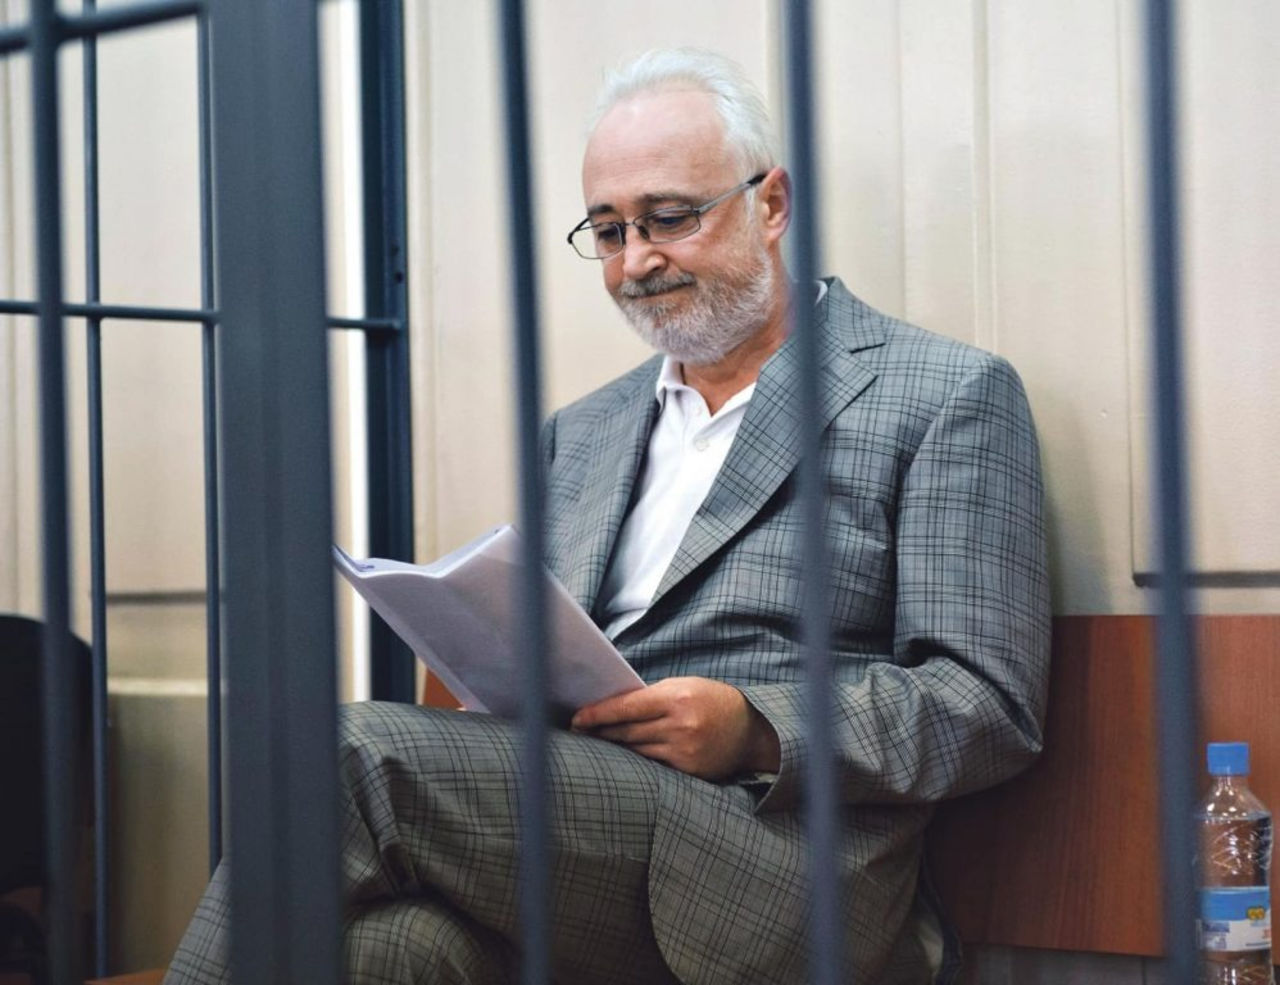 Генпрокуратура просит арестовать экс-главу Роснано Меламеда навремя суда над ним